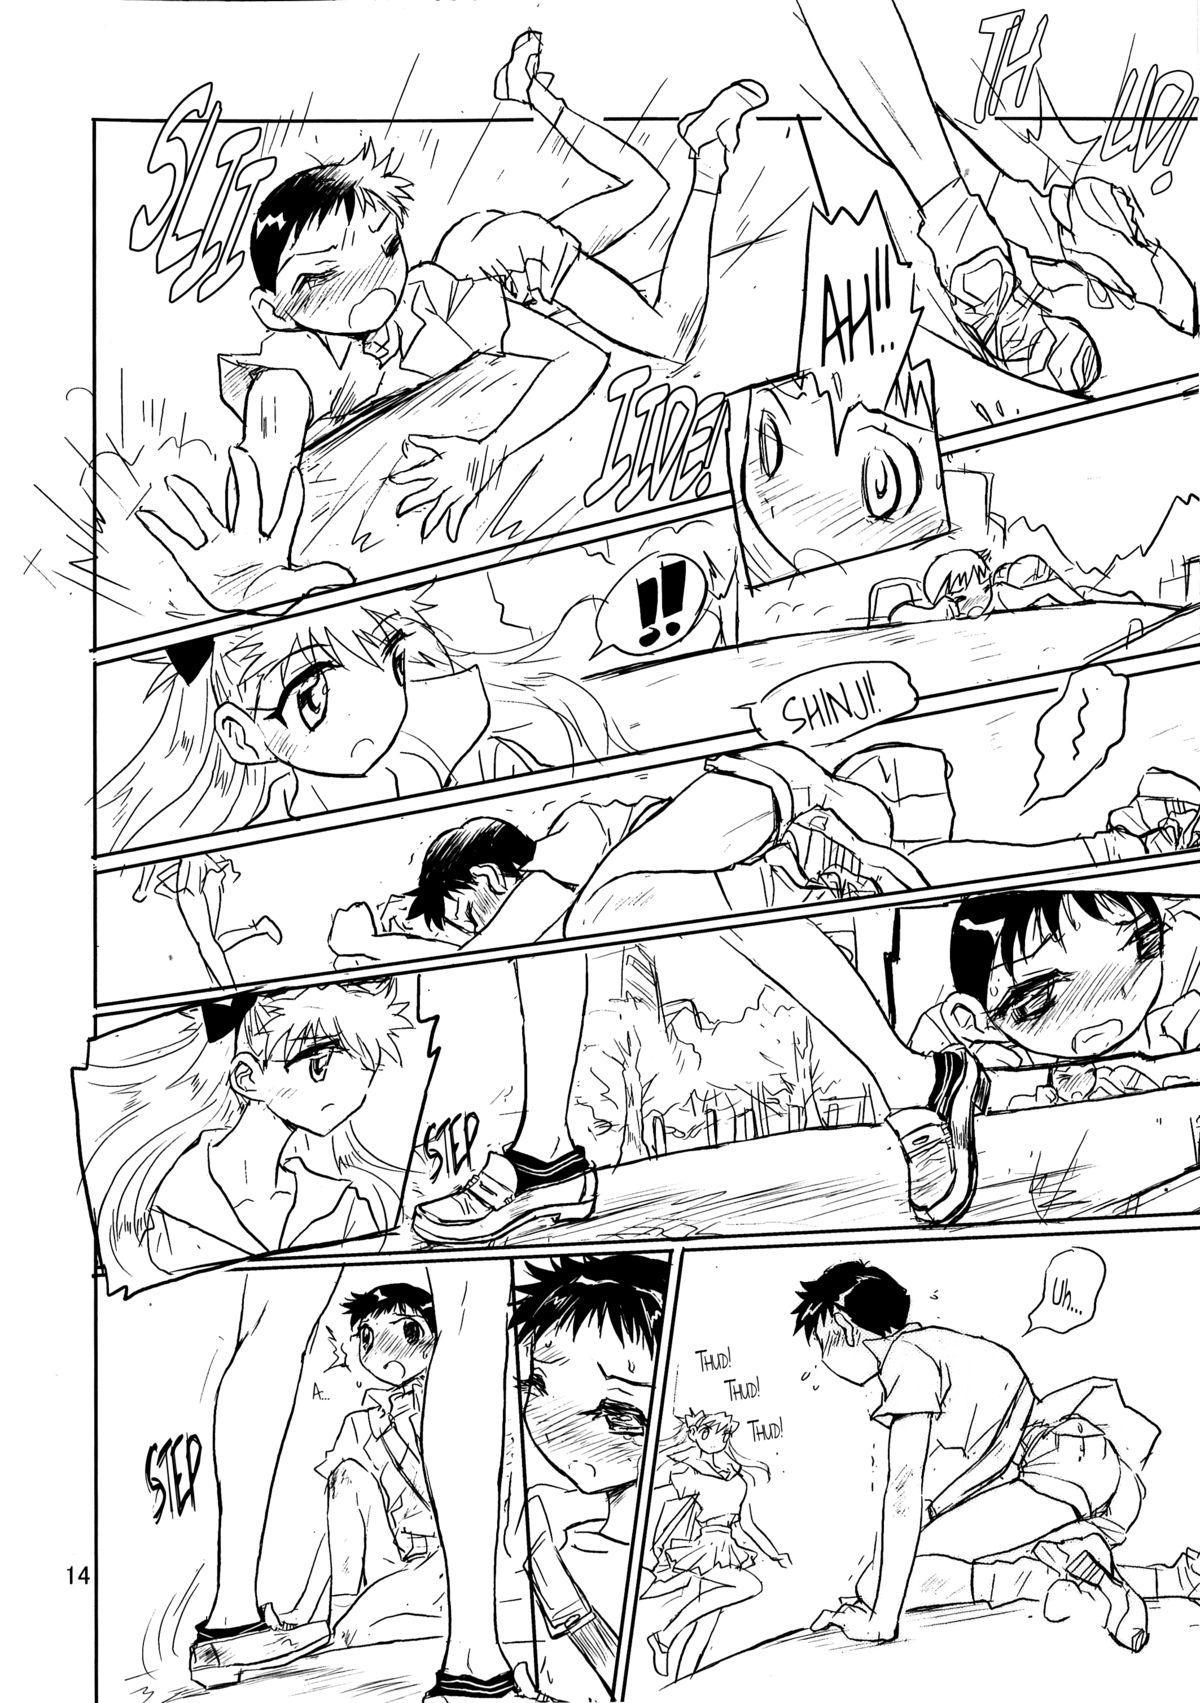 (C72) [Ito Ichizo Shouten (Ito Ichizo)] Otoko no Tatakai 10 -Onnanoko wa Natsu no Kemono-   Otoko no Tatakai 10 -The Girl, a Summer Beast- (Neon Genesis Evangelion) [English] [Maipantsu] 13